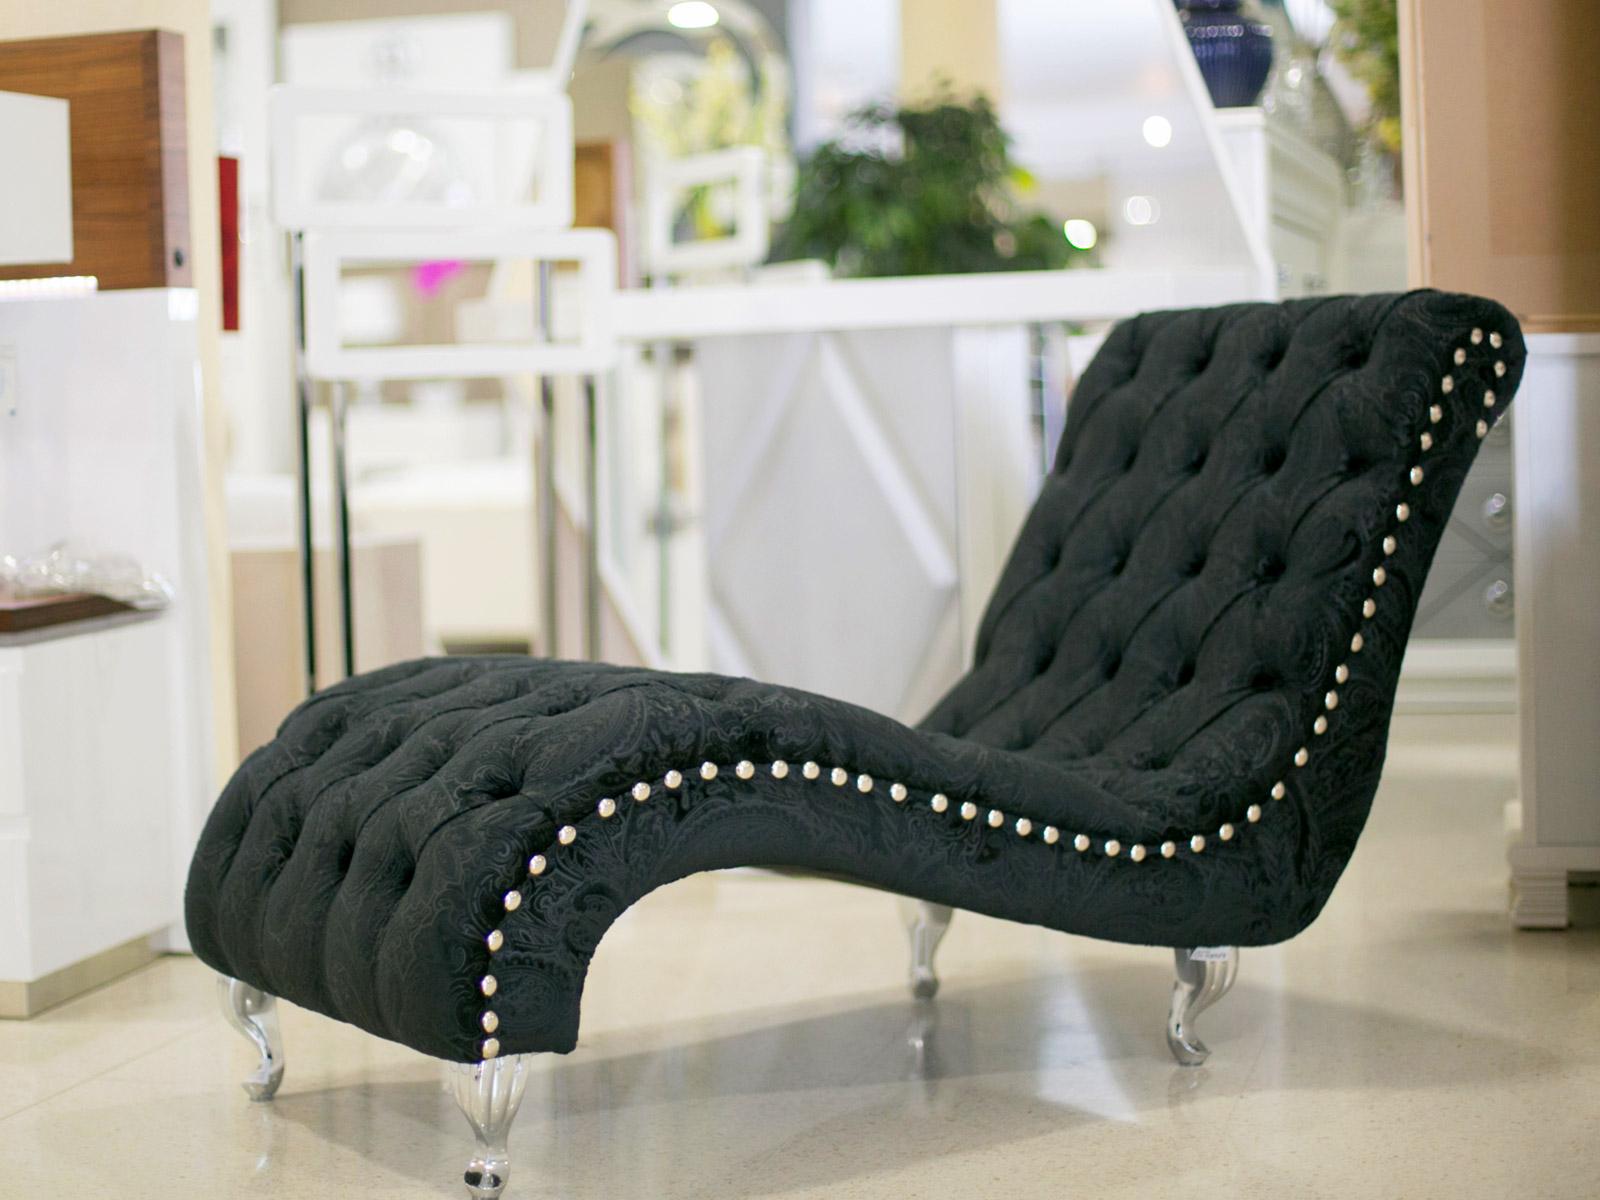 Cortinas y textiles muebles aparicio - Muebles aparicio ...